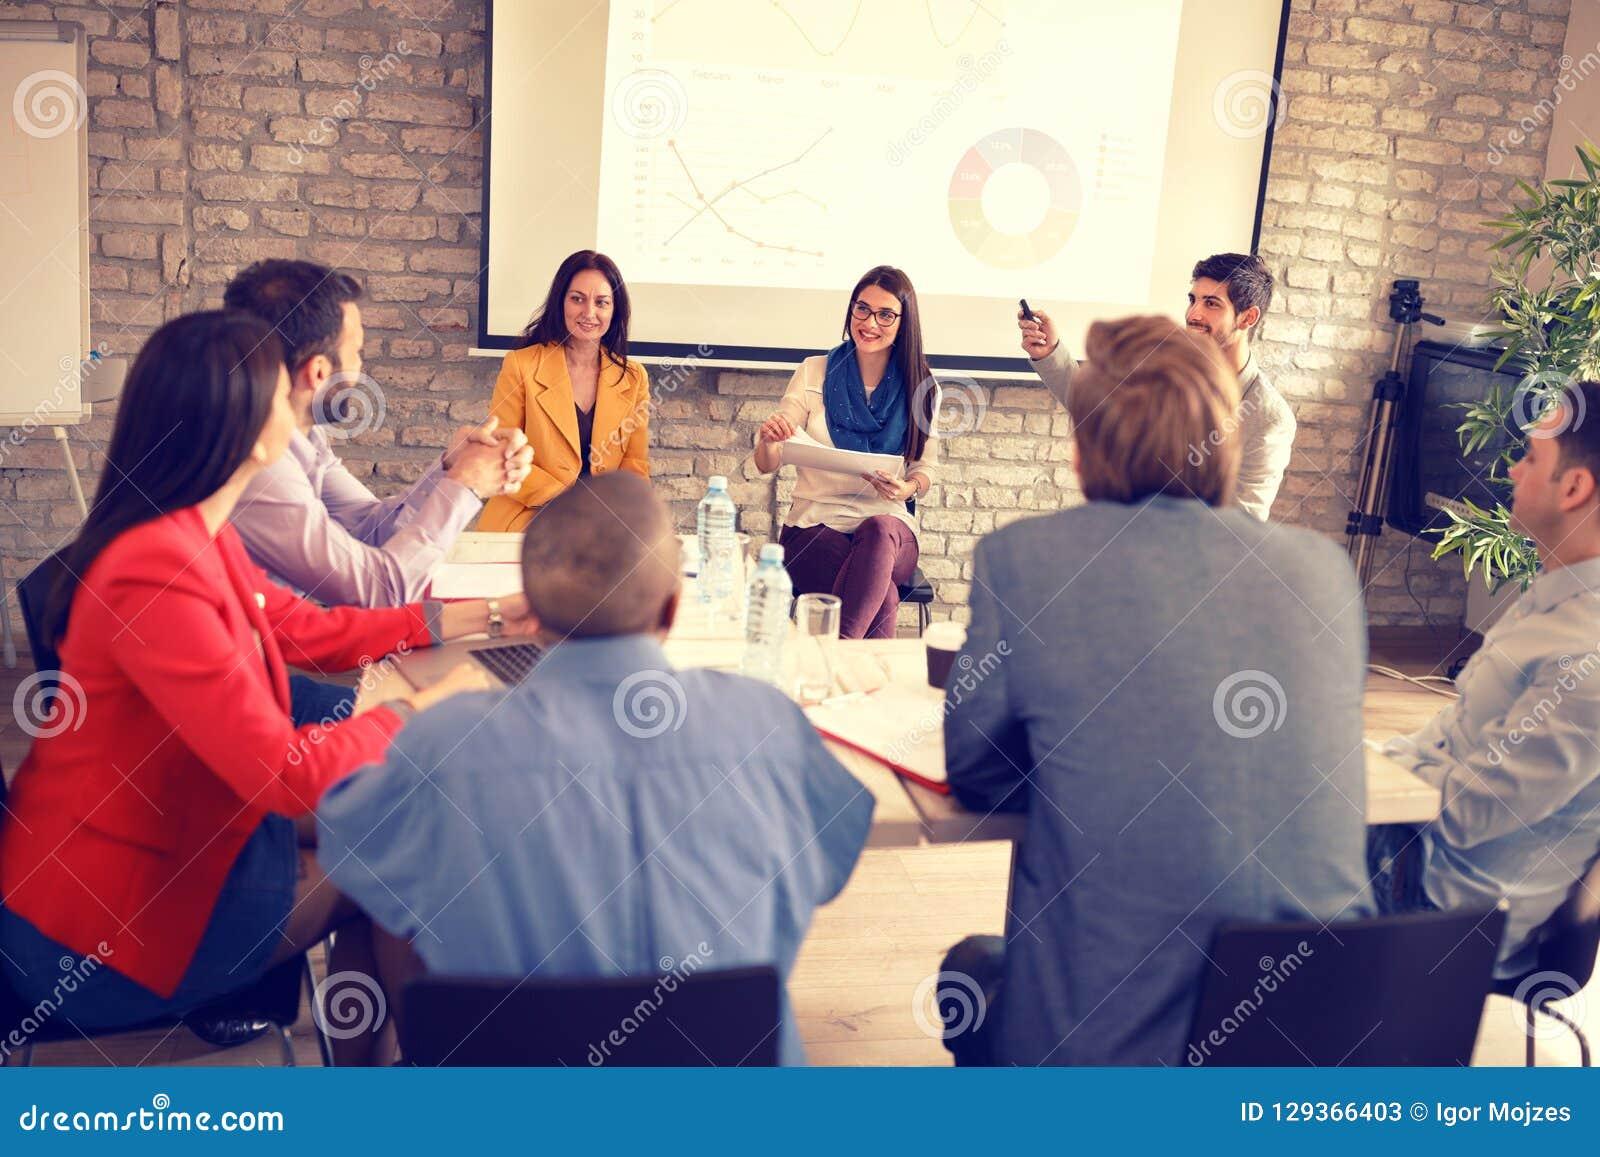 Los empresarios tienen reunión de negocios en compañía